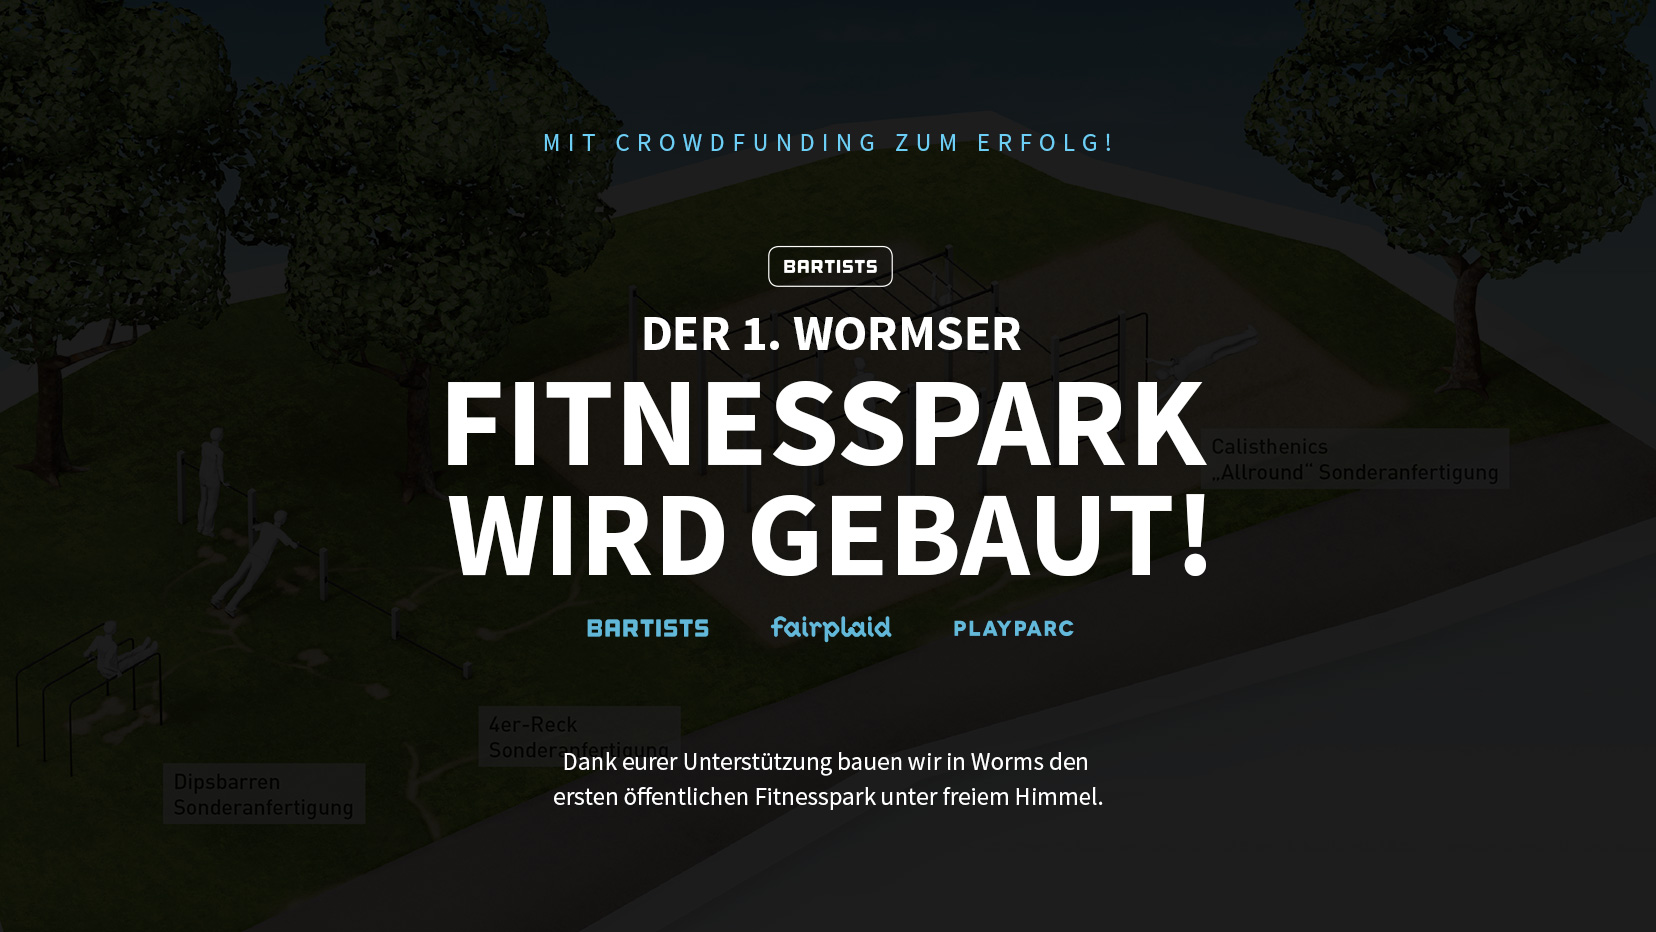 Der 1. Wormser Fitnesspark wird gebaut